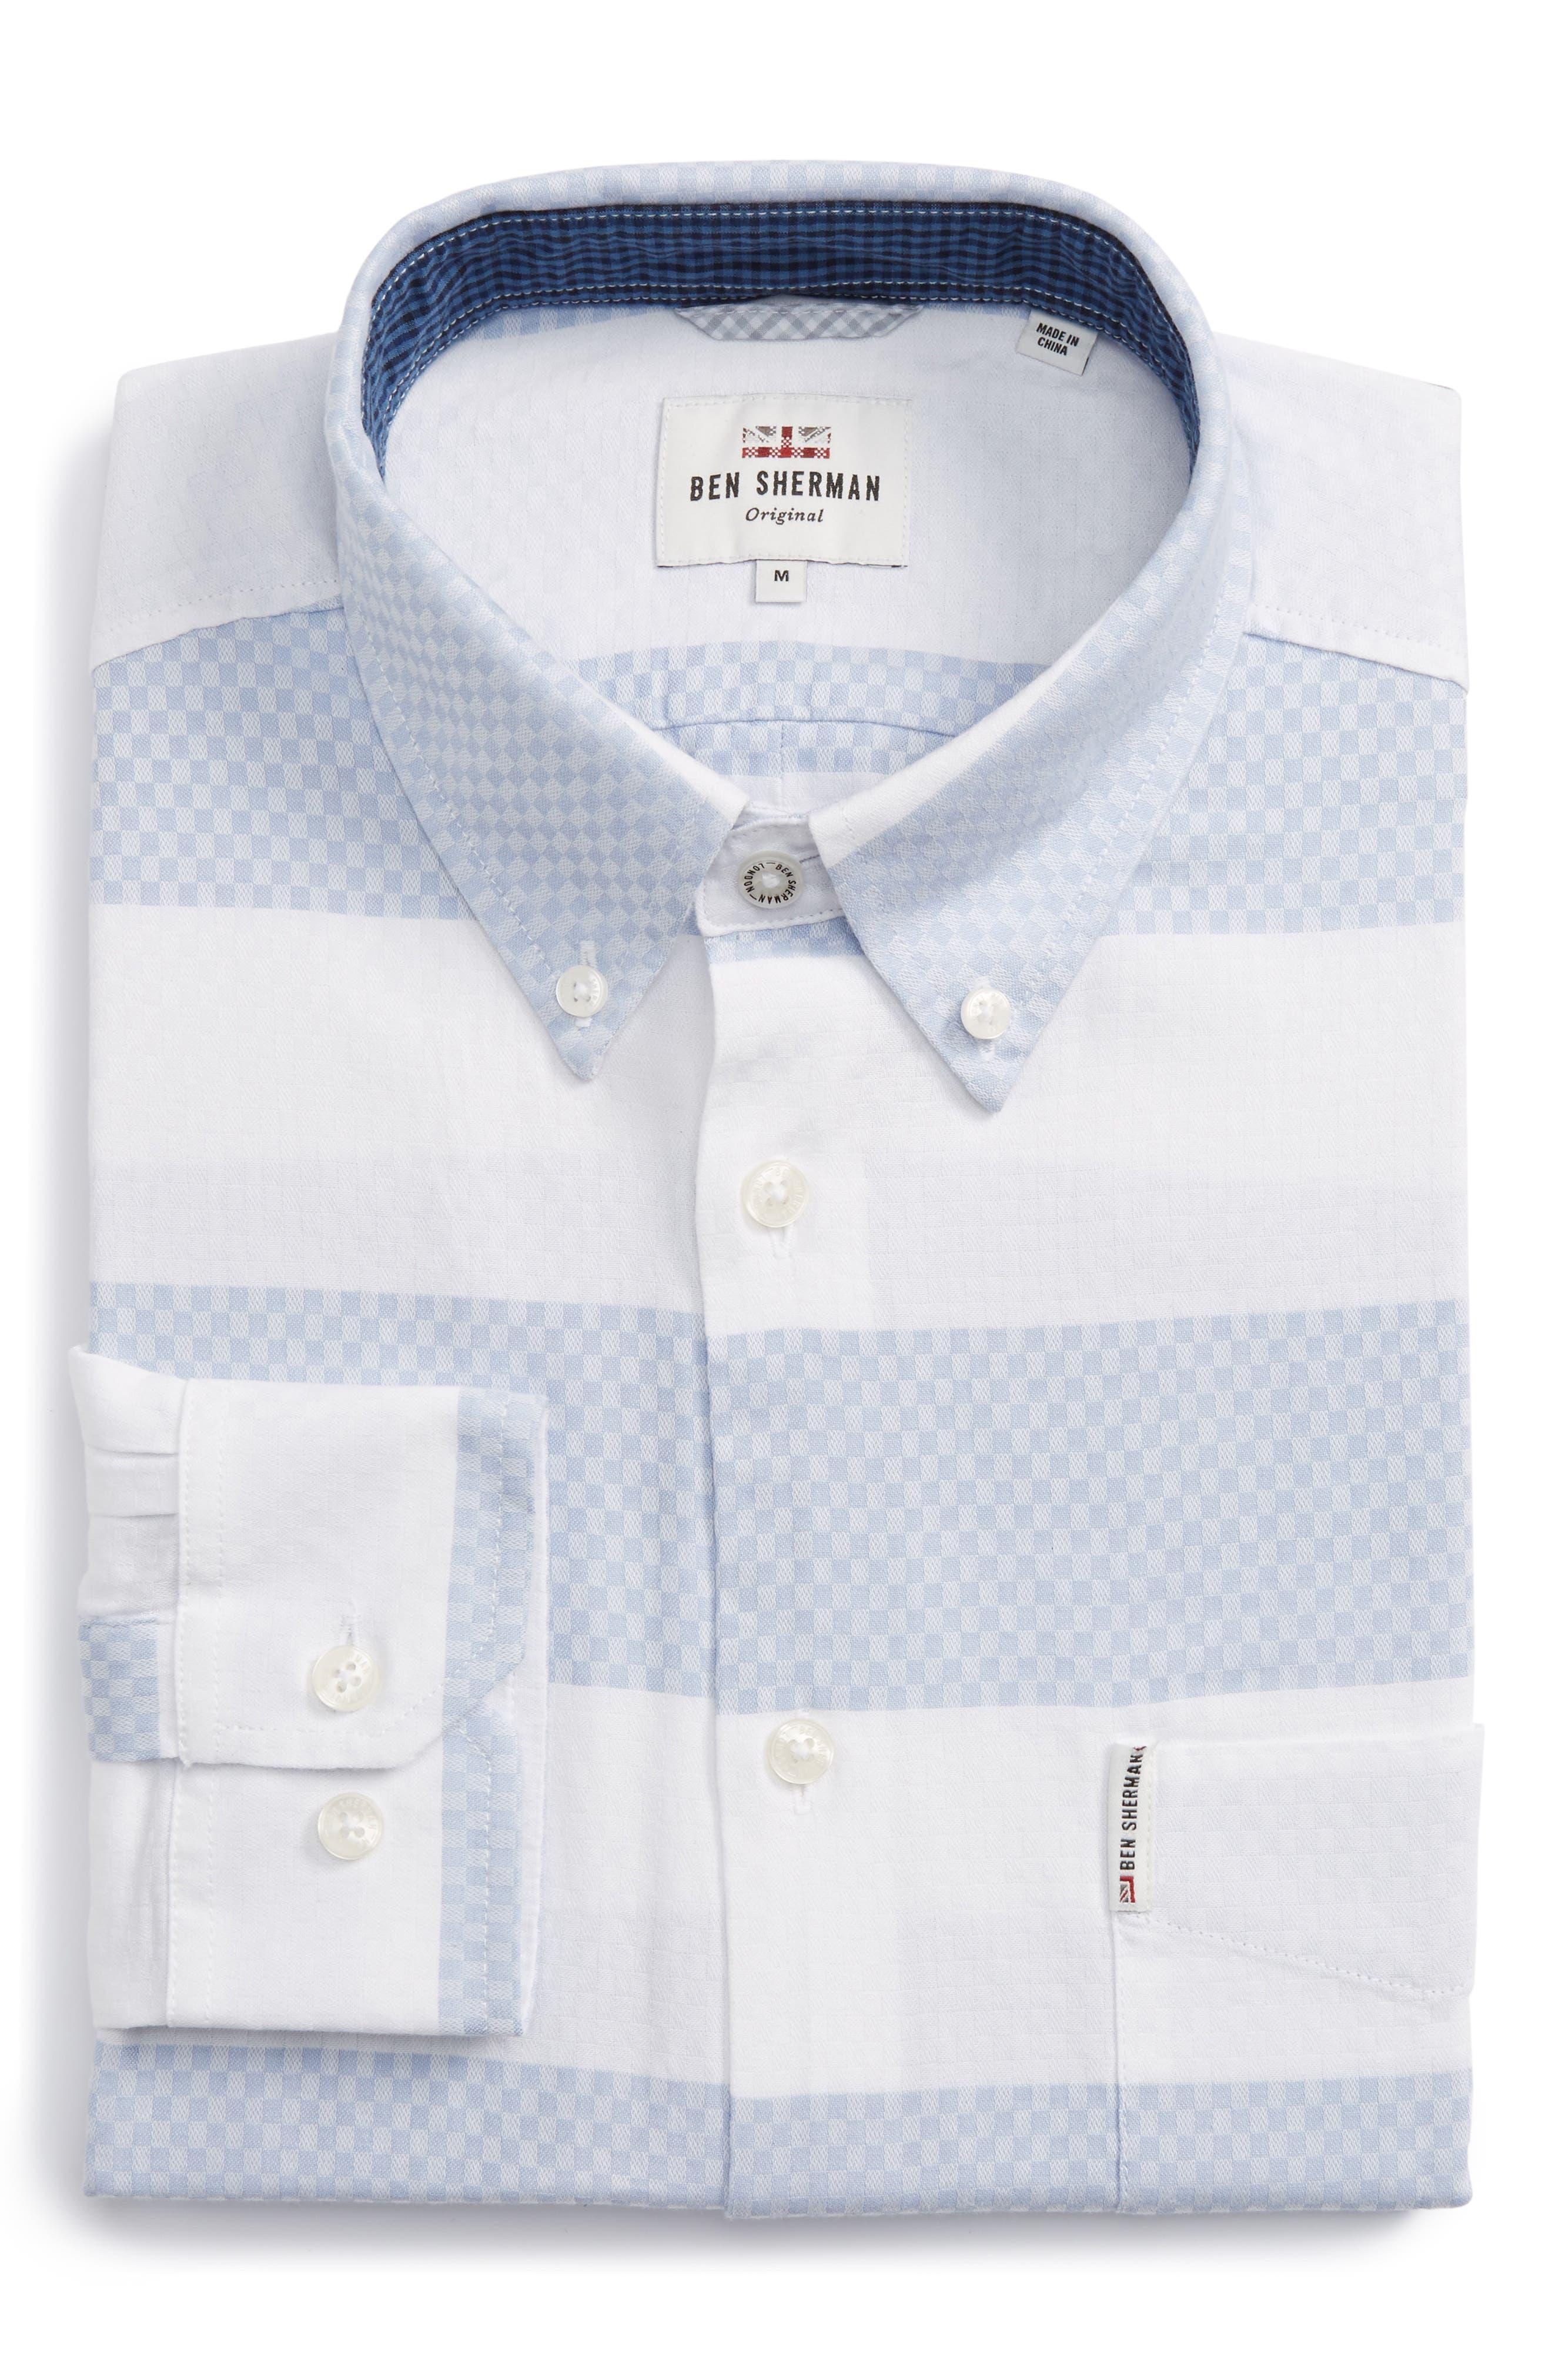 Alternate Image 1 Selected - Ben Sherman Dobby Gingham Stripes Shirt